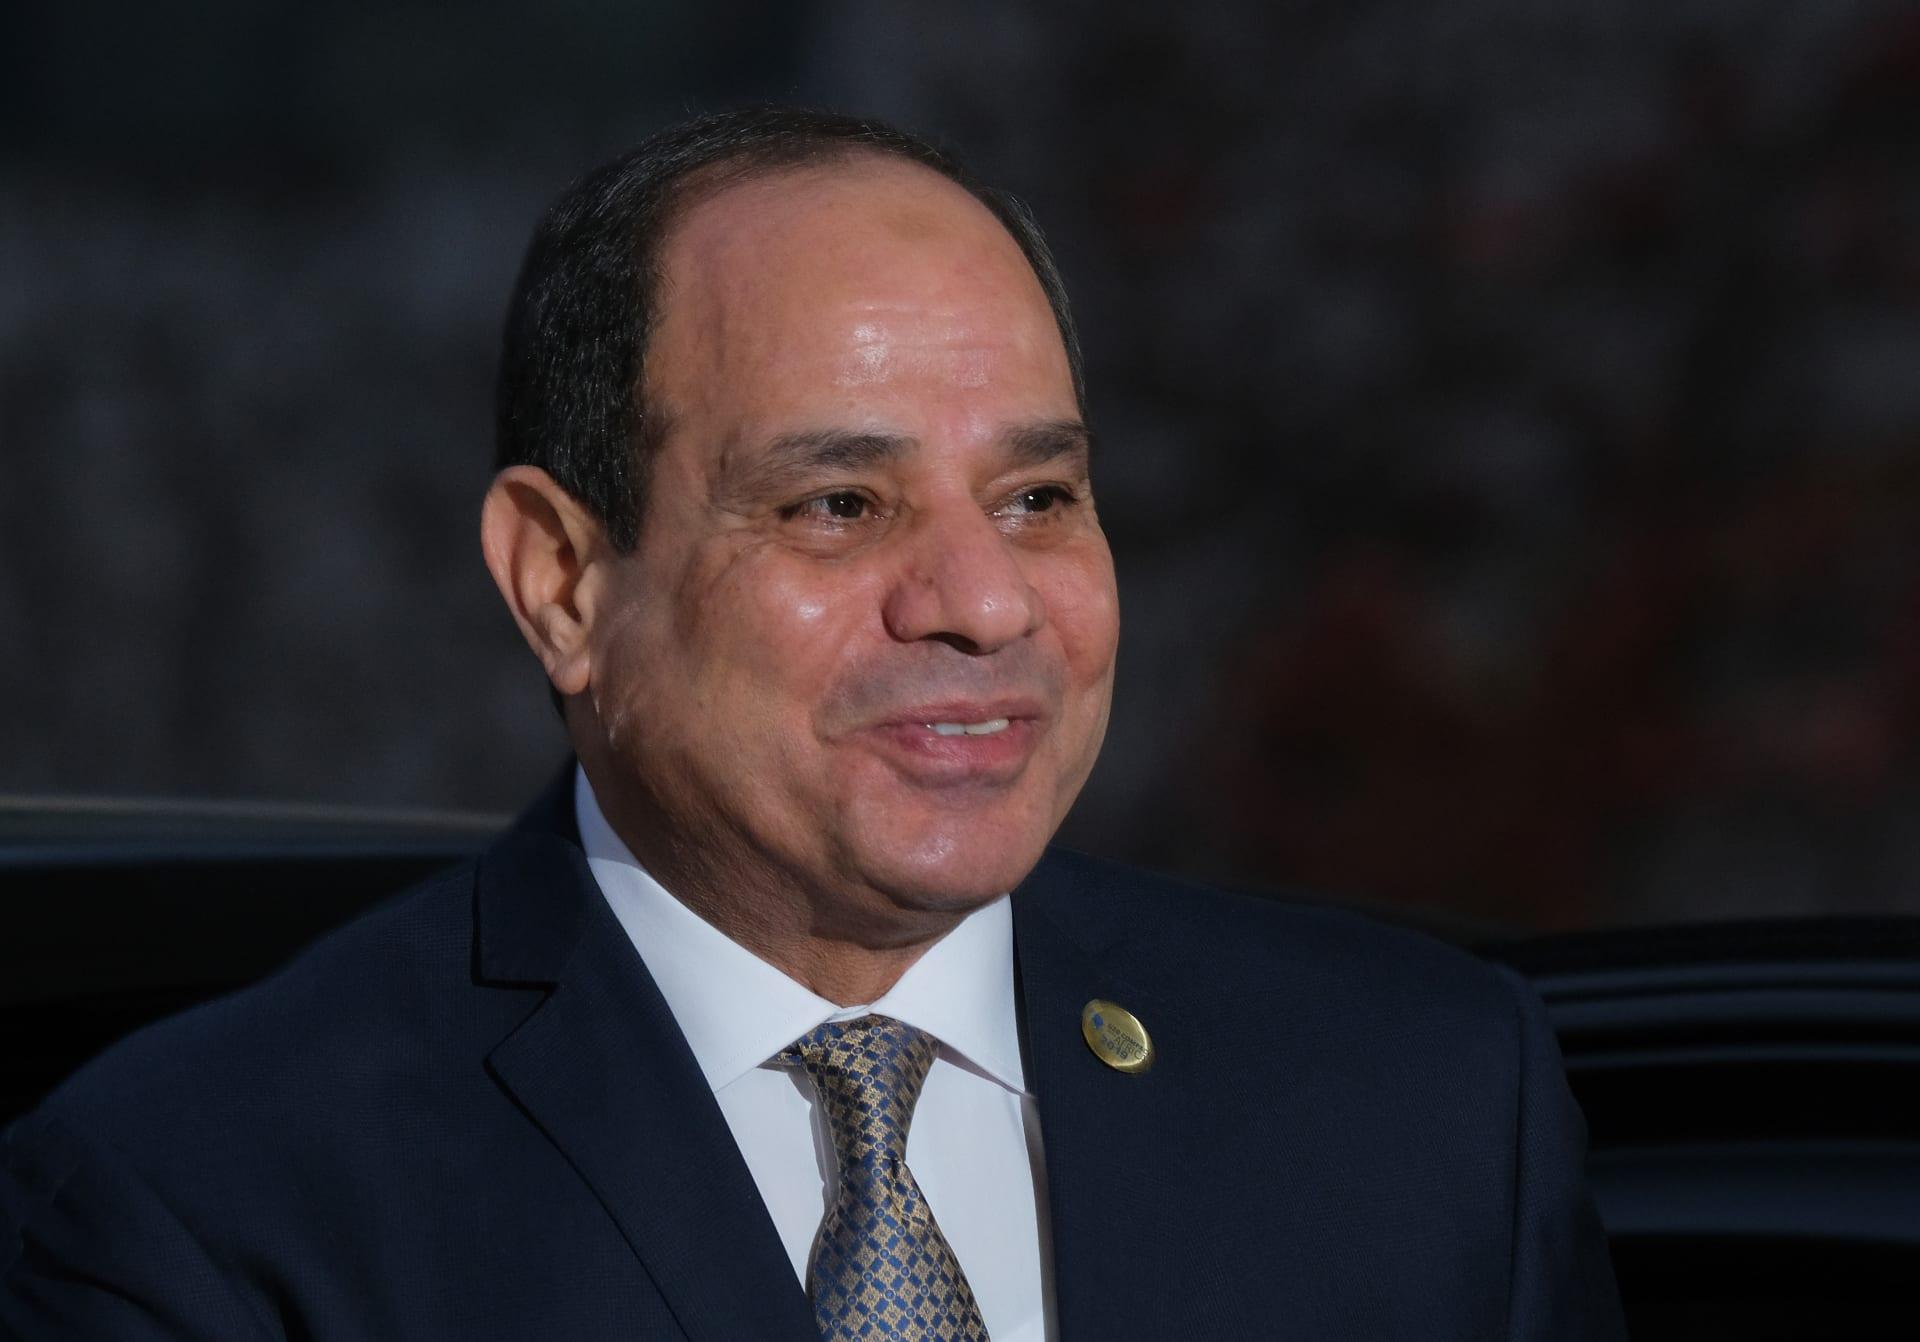 """السيسي يرفض """"المصالحة"""" ويؤكد: لا يمكن هزيمة مصر وشعبها متكاتف"""